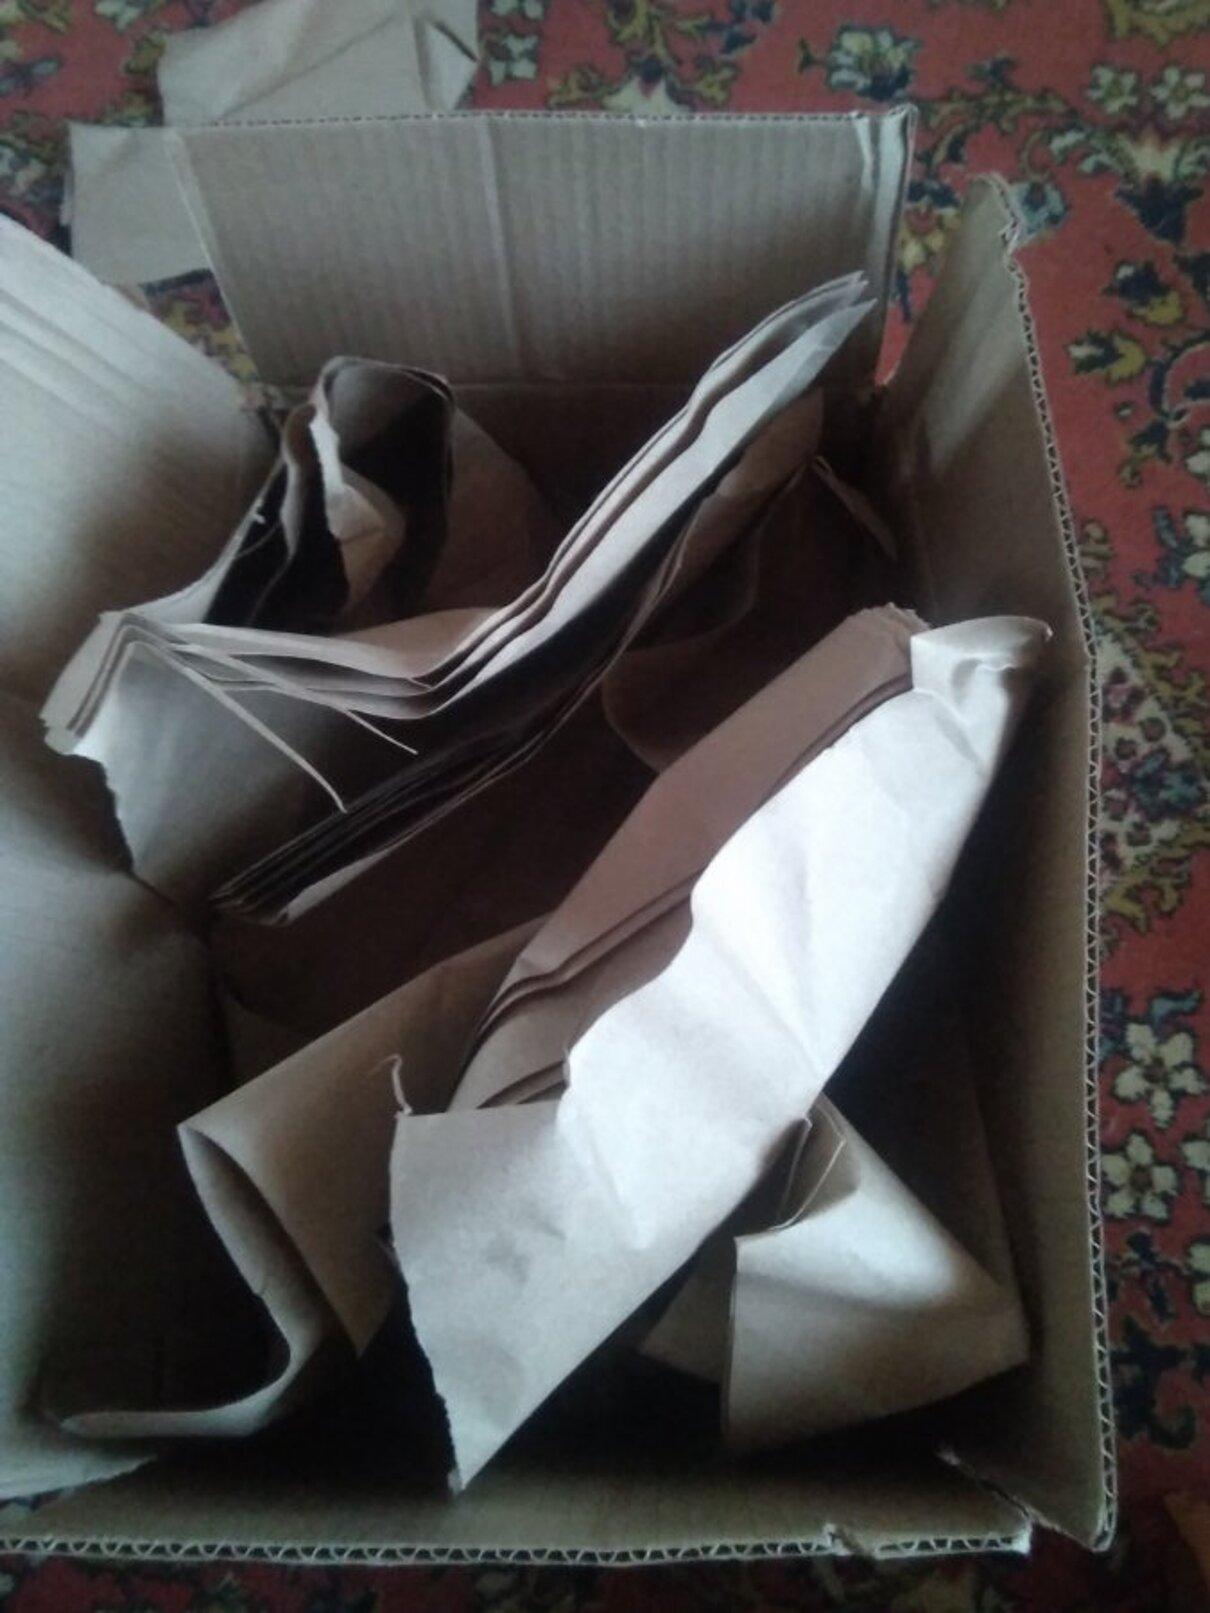 Жалоба-отзыв: Http://sale24shops.ru - Полная коробка бумаги.  Фото №1